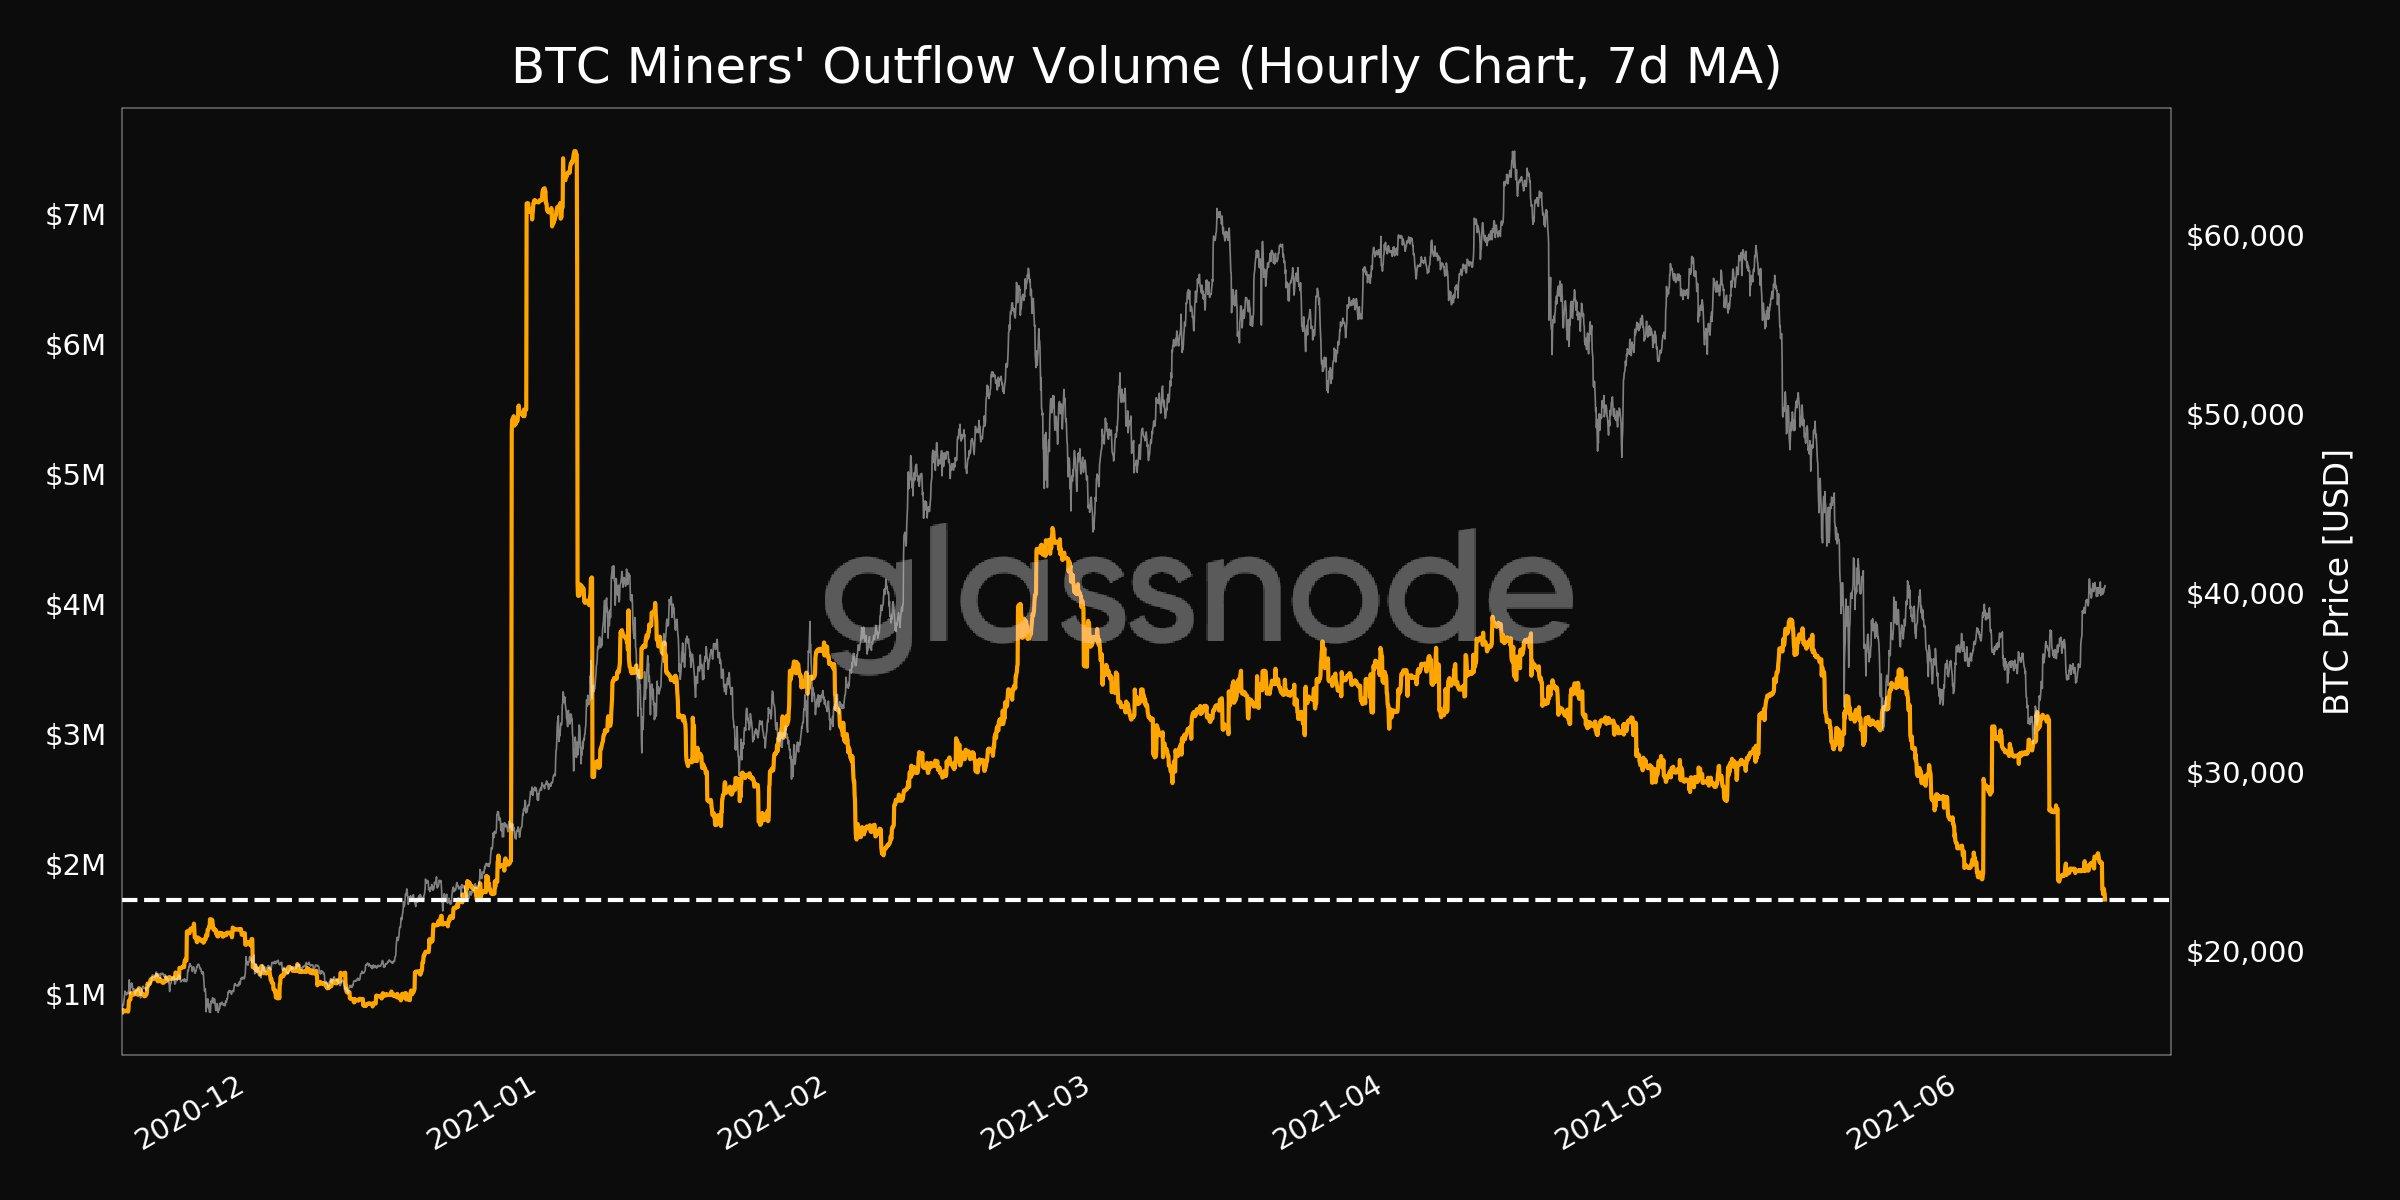 Volume de outflow dos mineradores